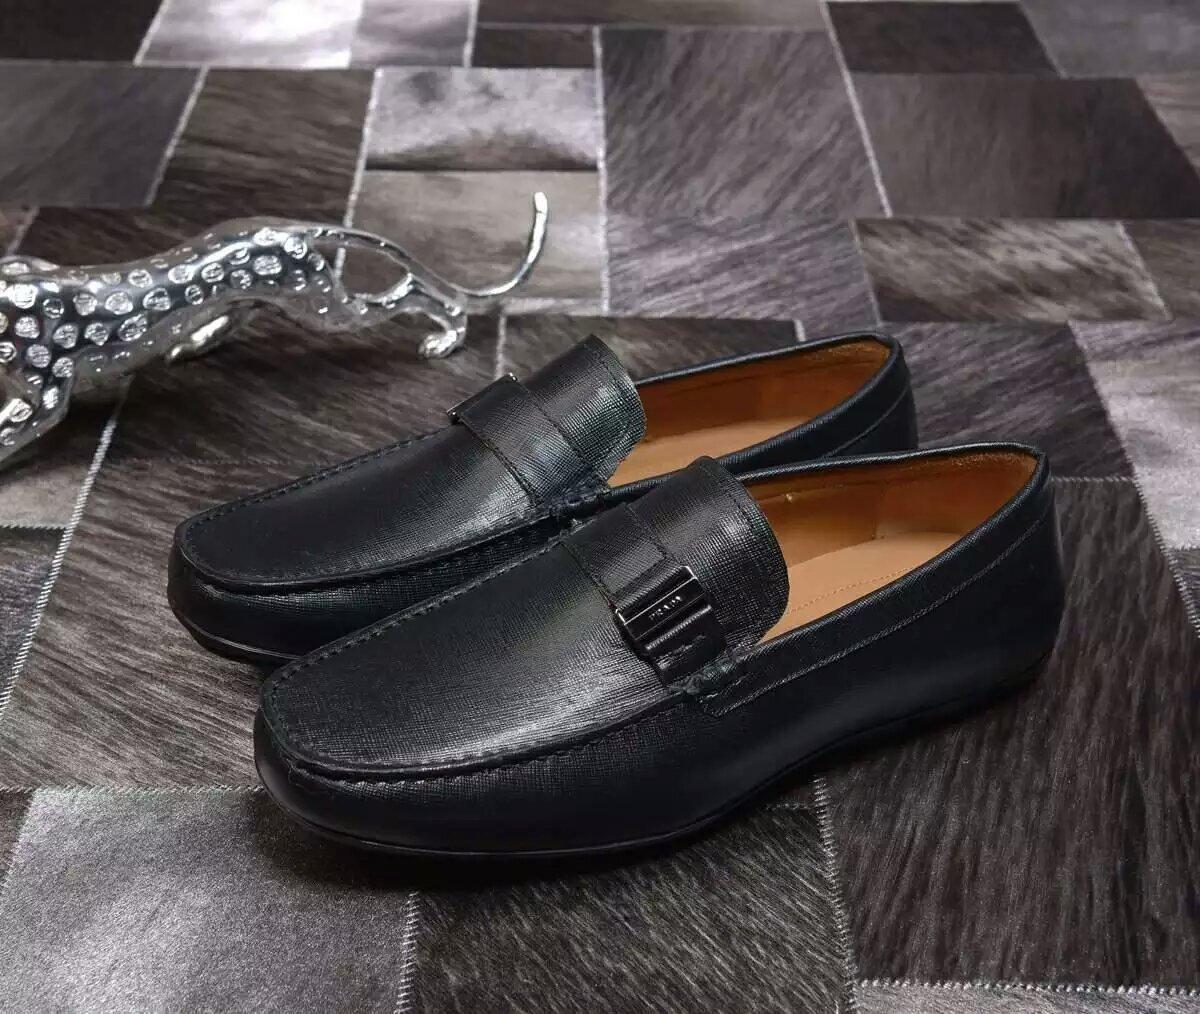 016独家普拉达最高品质男士豆豆鞋